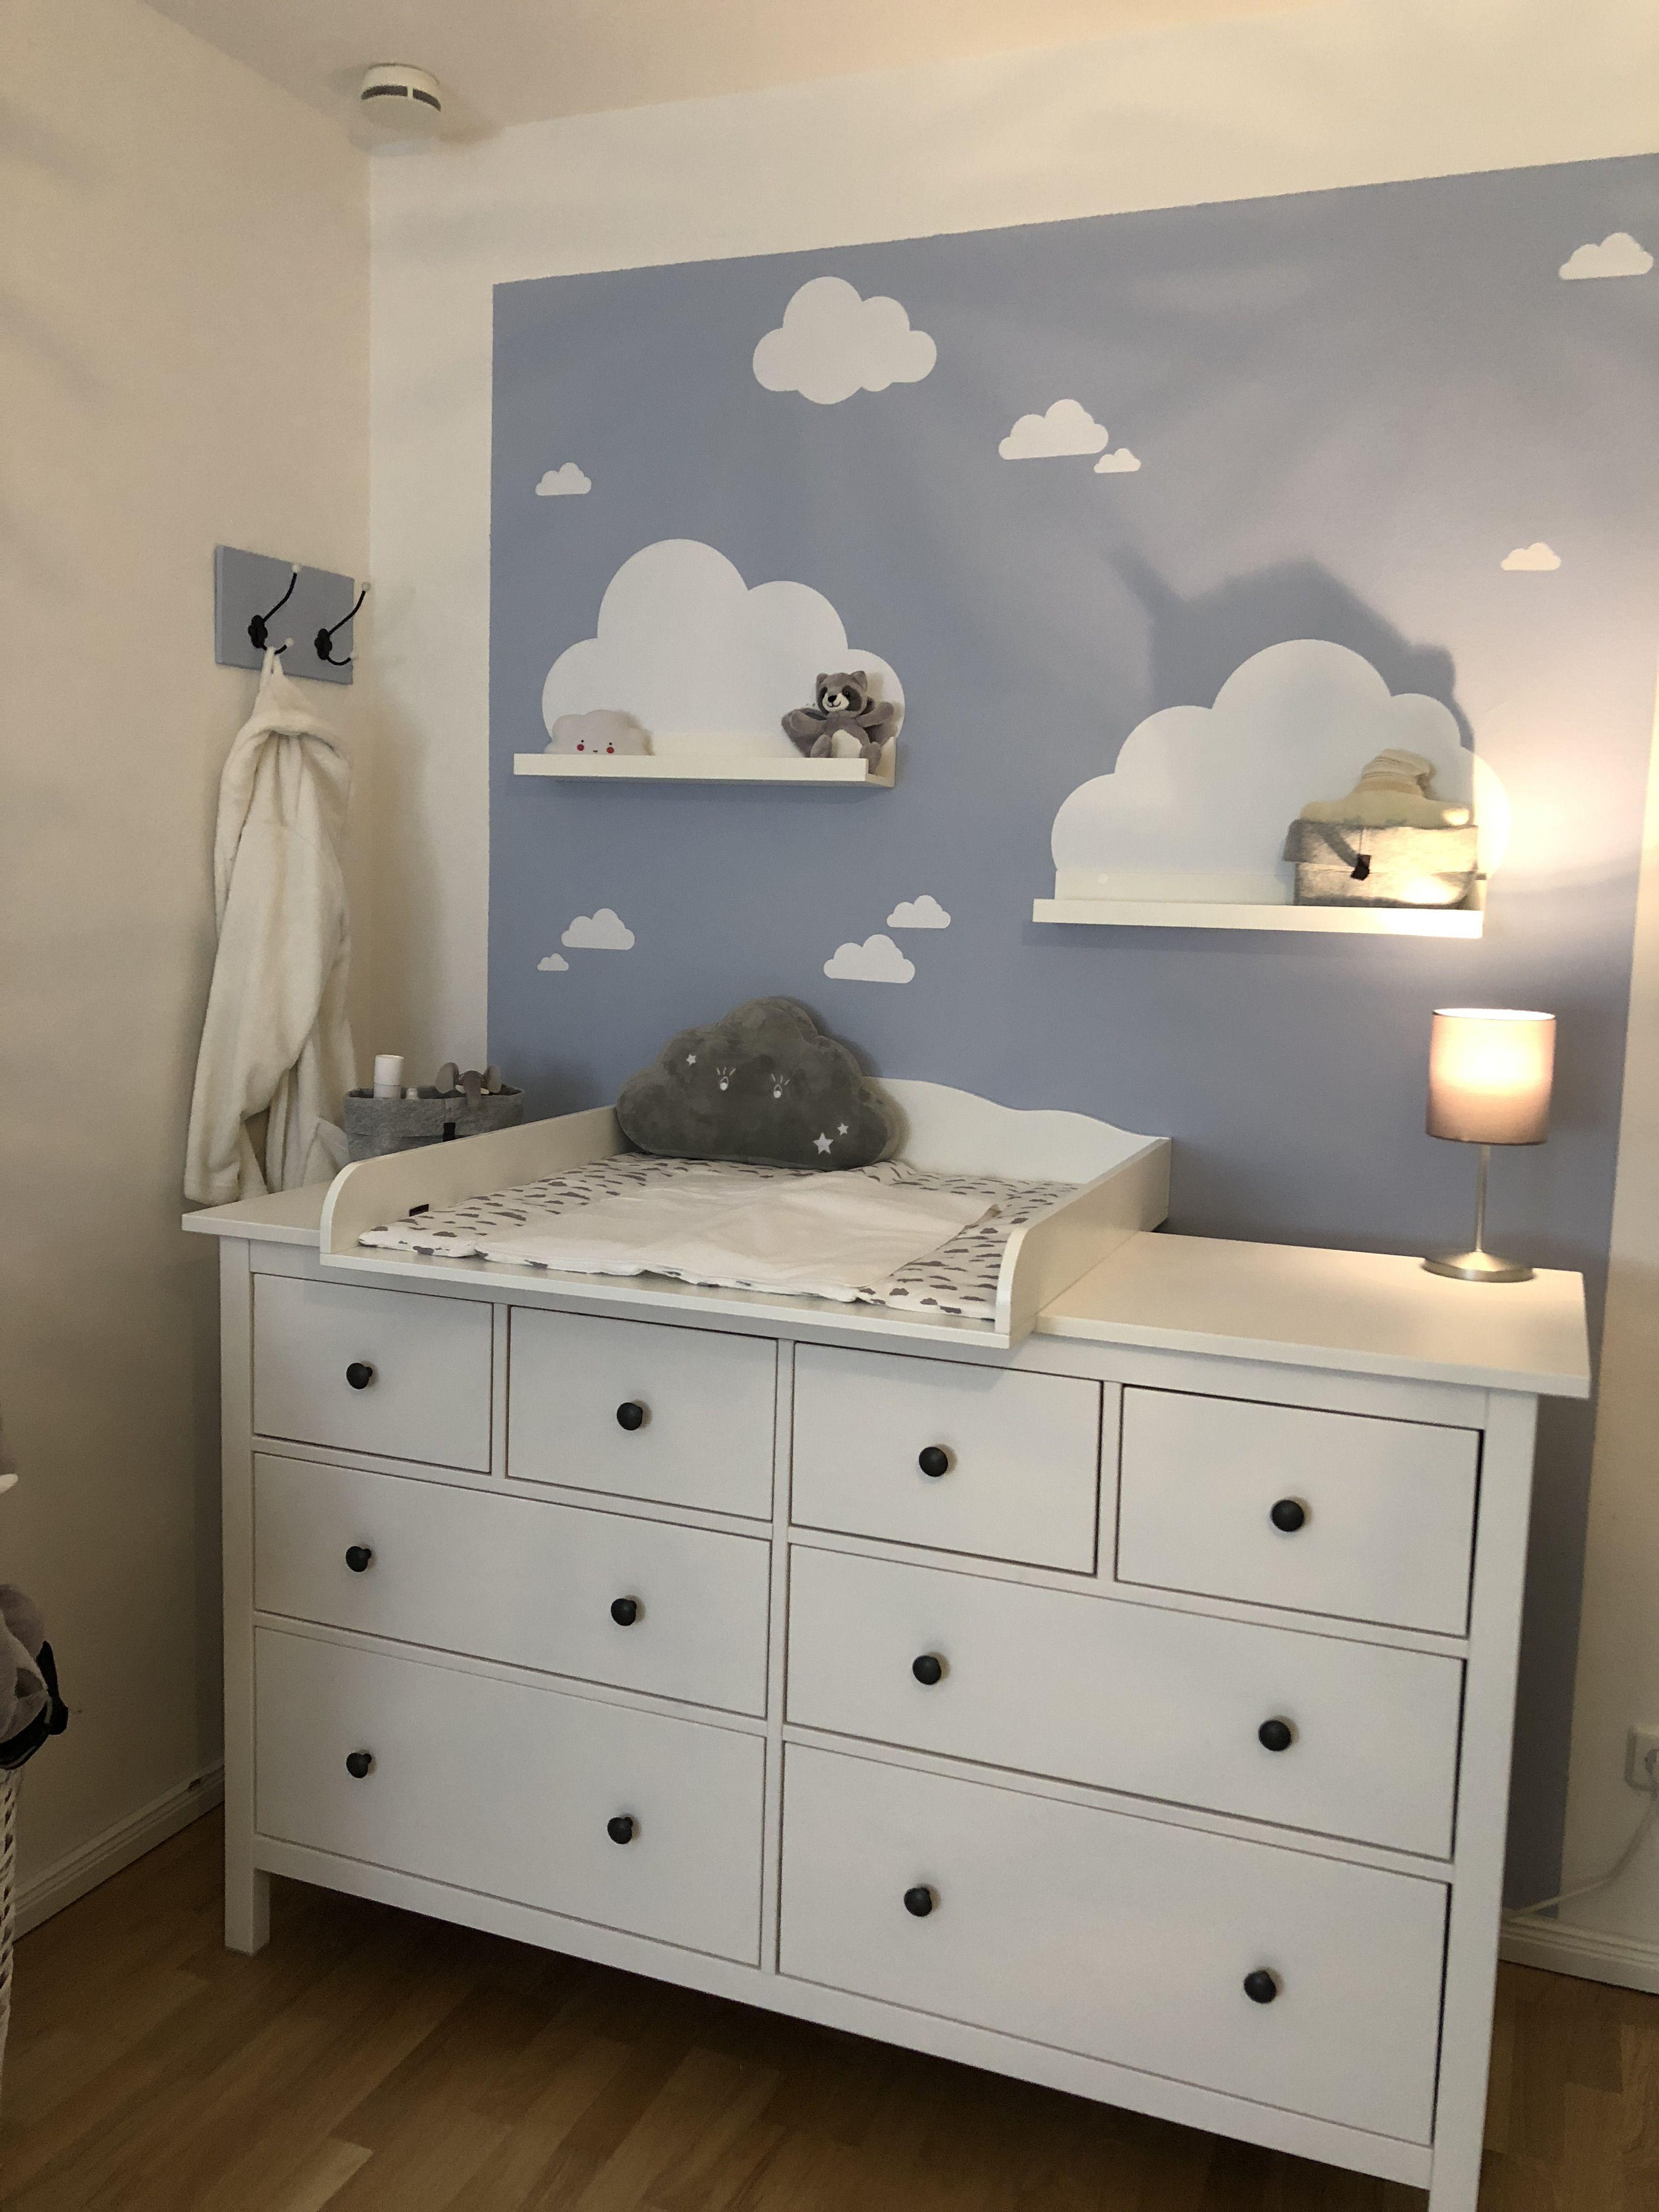 ikea erstausstattung kuche. Black Bedroom Furniture Sets. Home Design Ideas